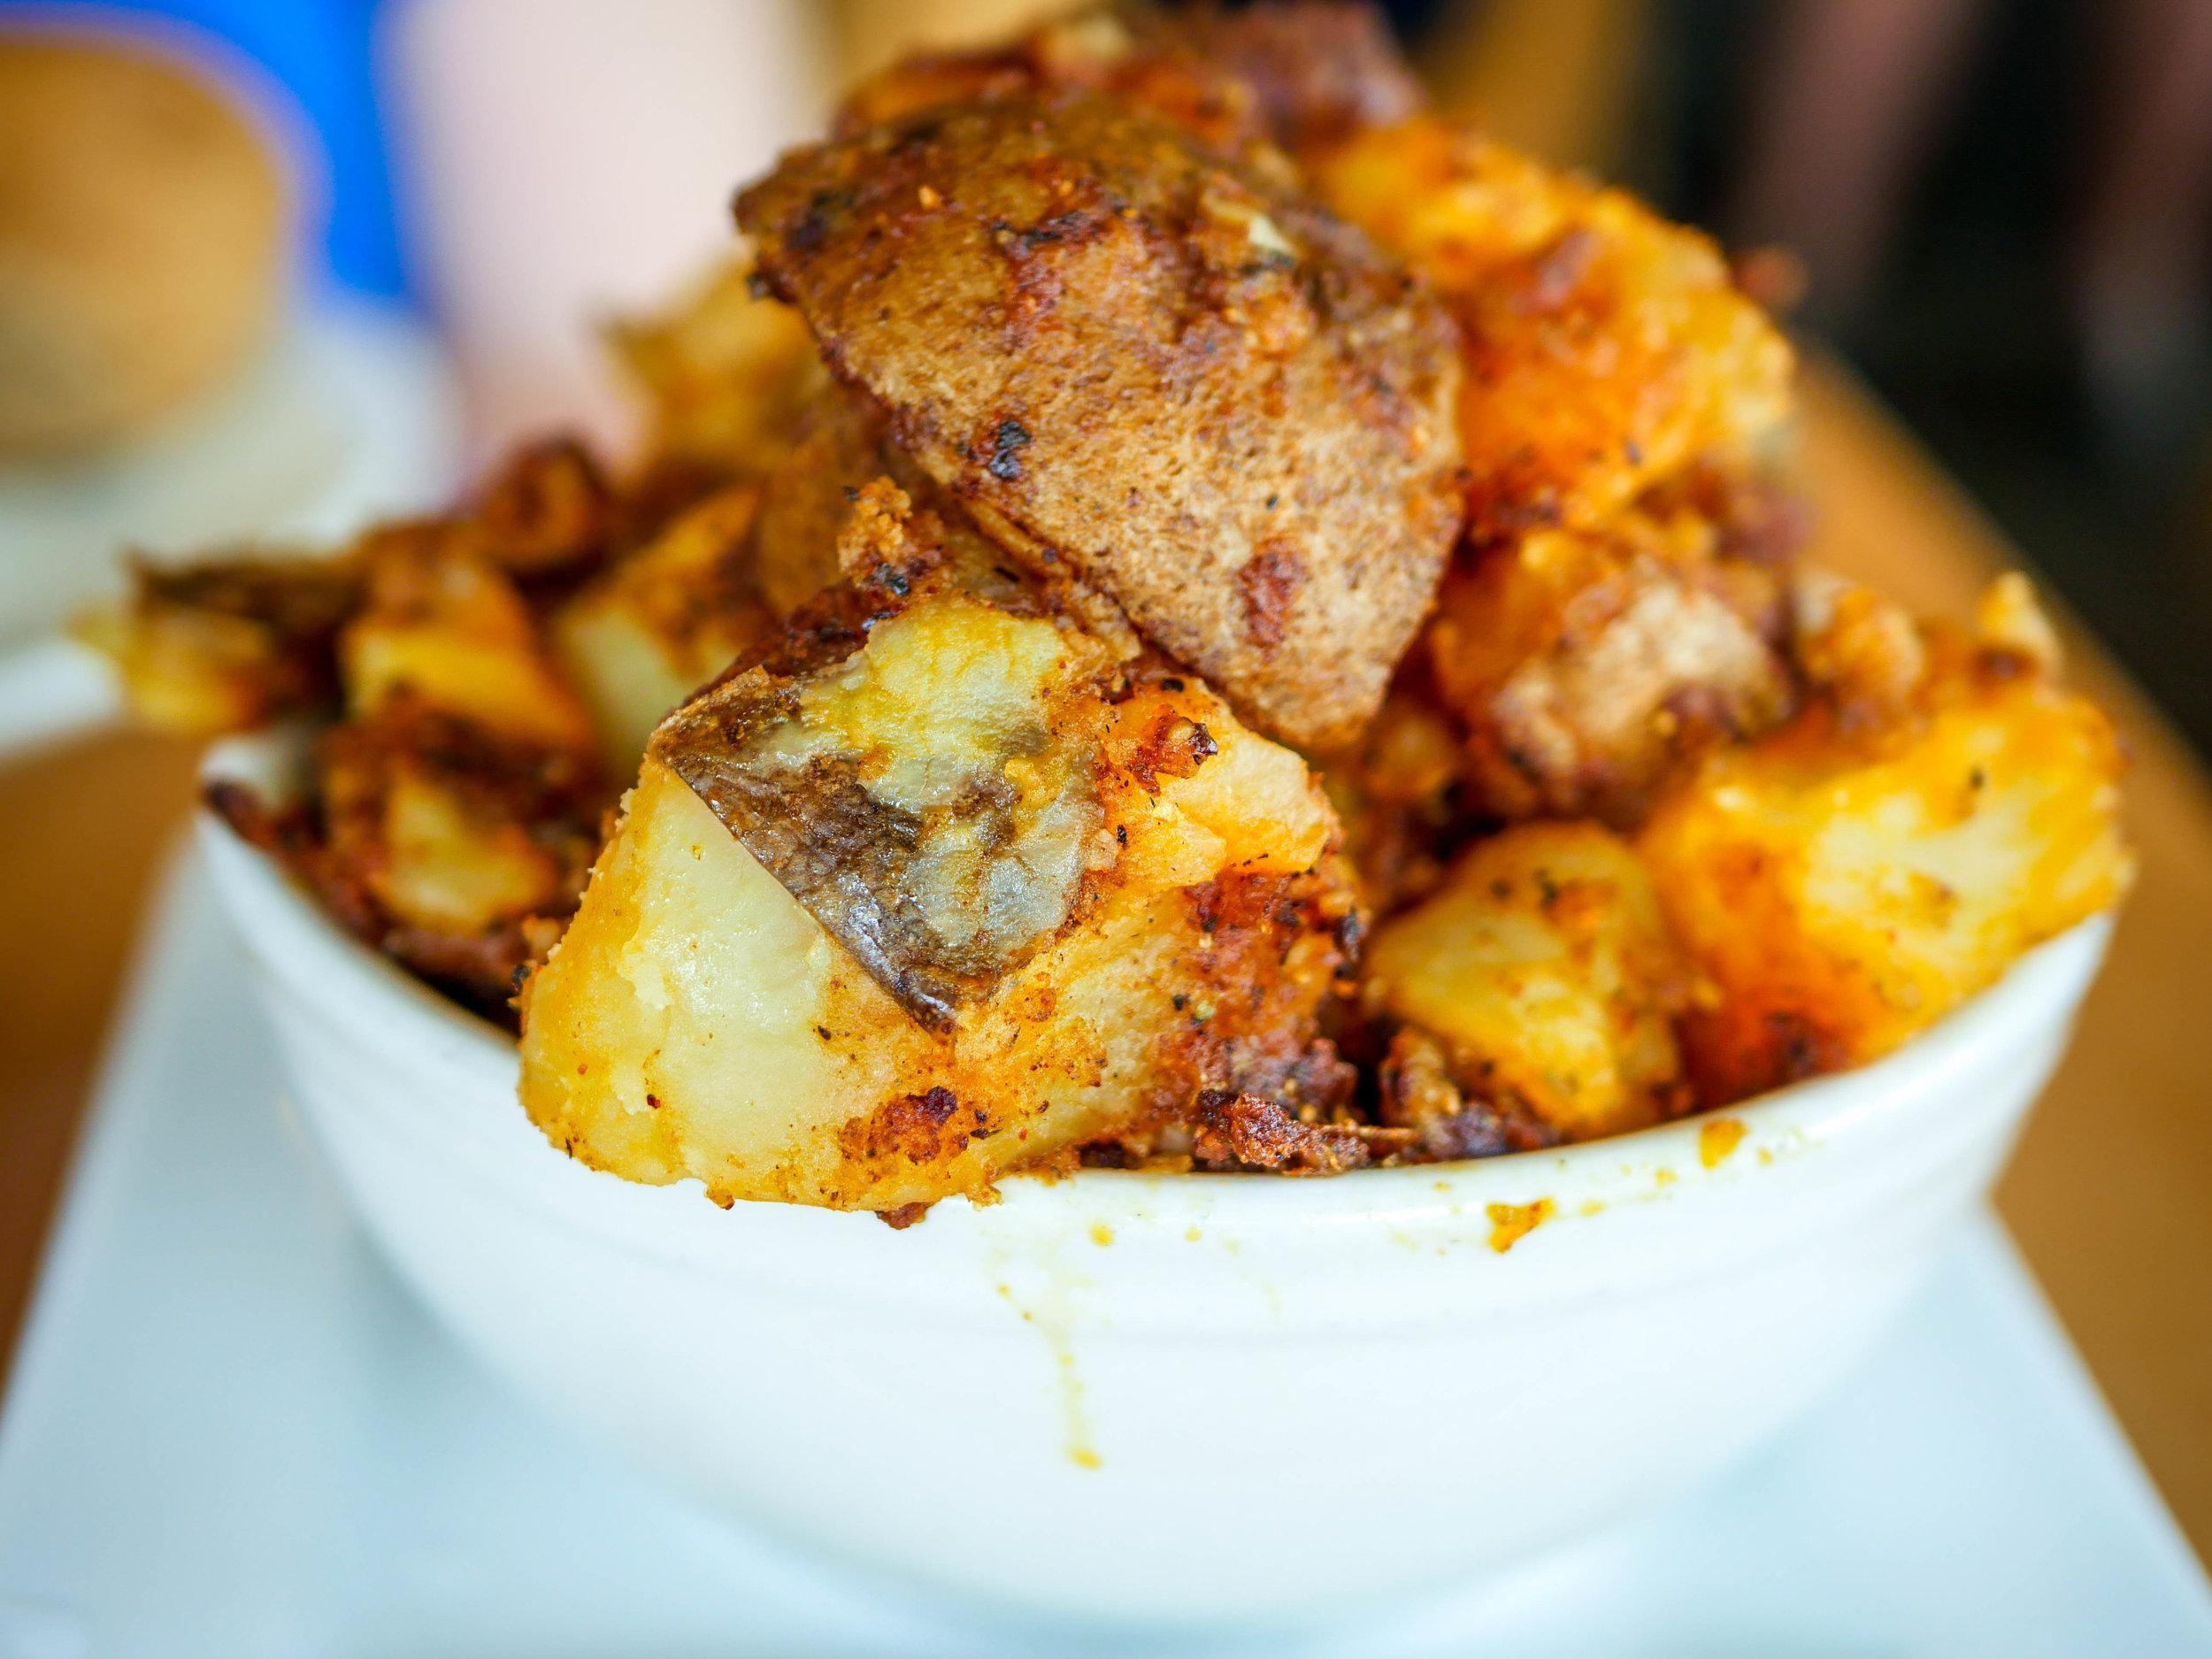 Seasoned potatoes from Marie Catrib's